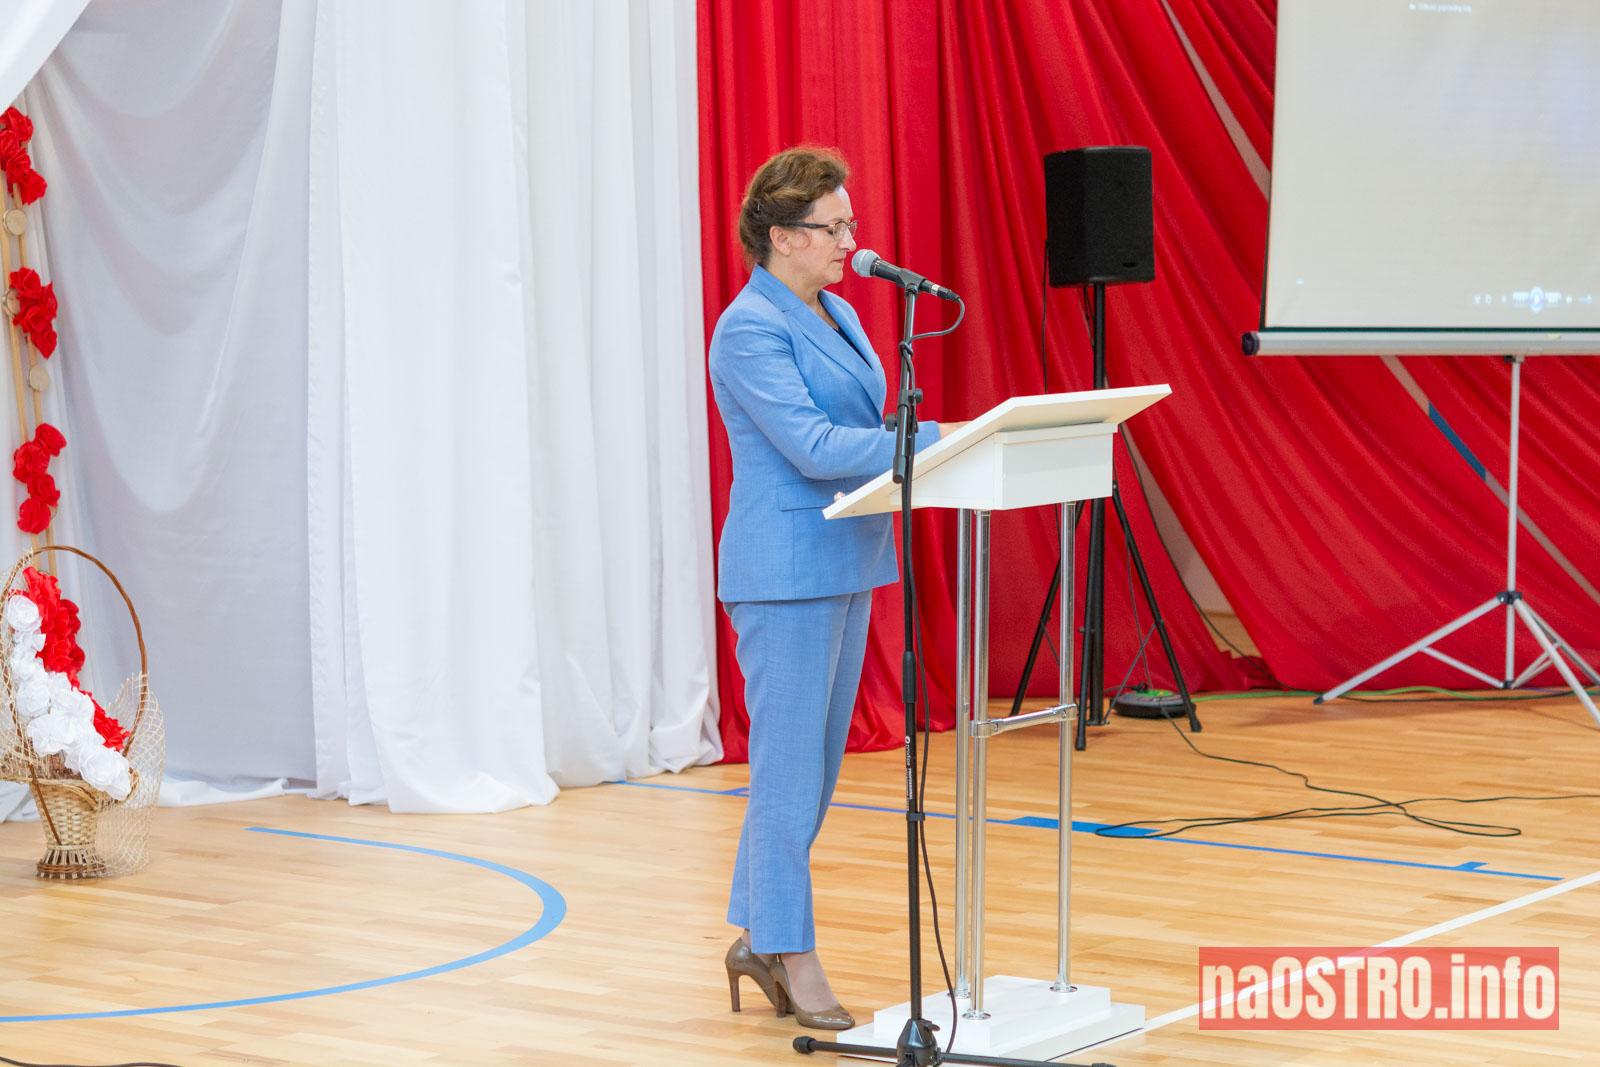 NaOSTRO Otwarcie Szkoły w Bałtowie-167